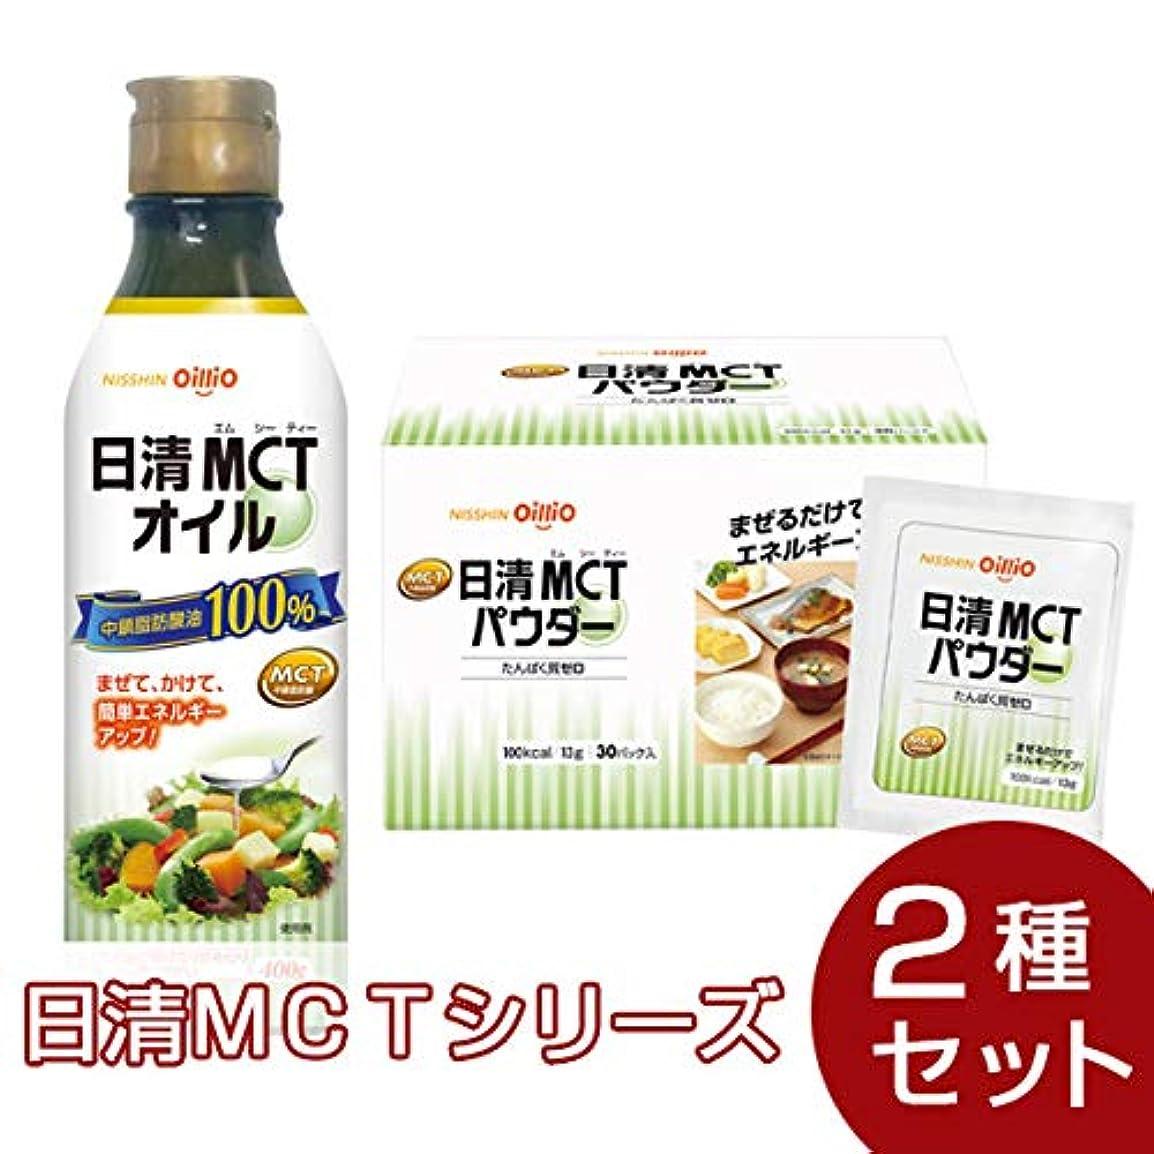 ペチコート岸アンタゴニスト日清MCTシリーズ 2種セット